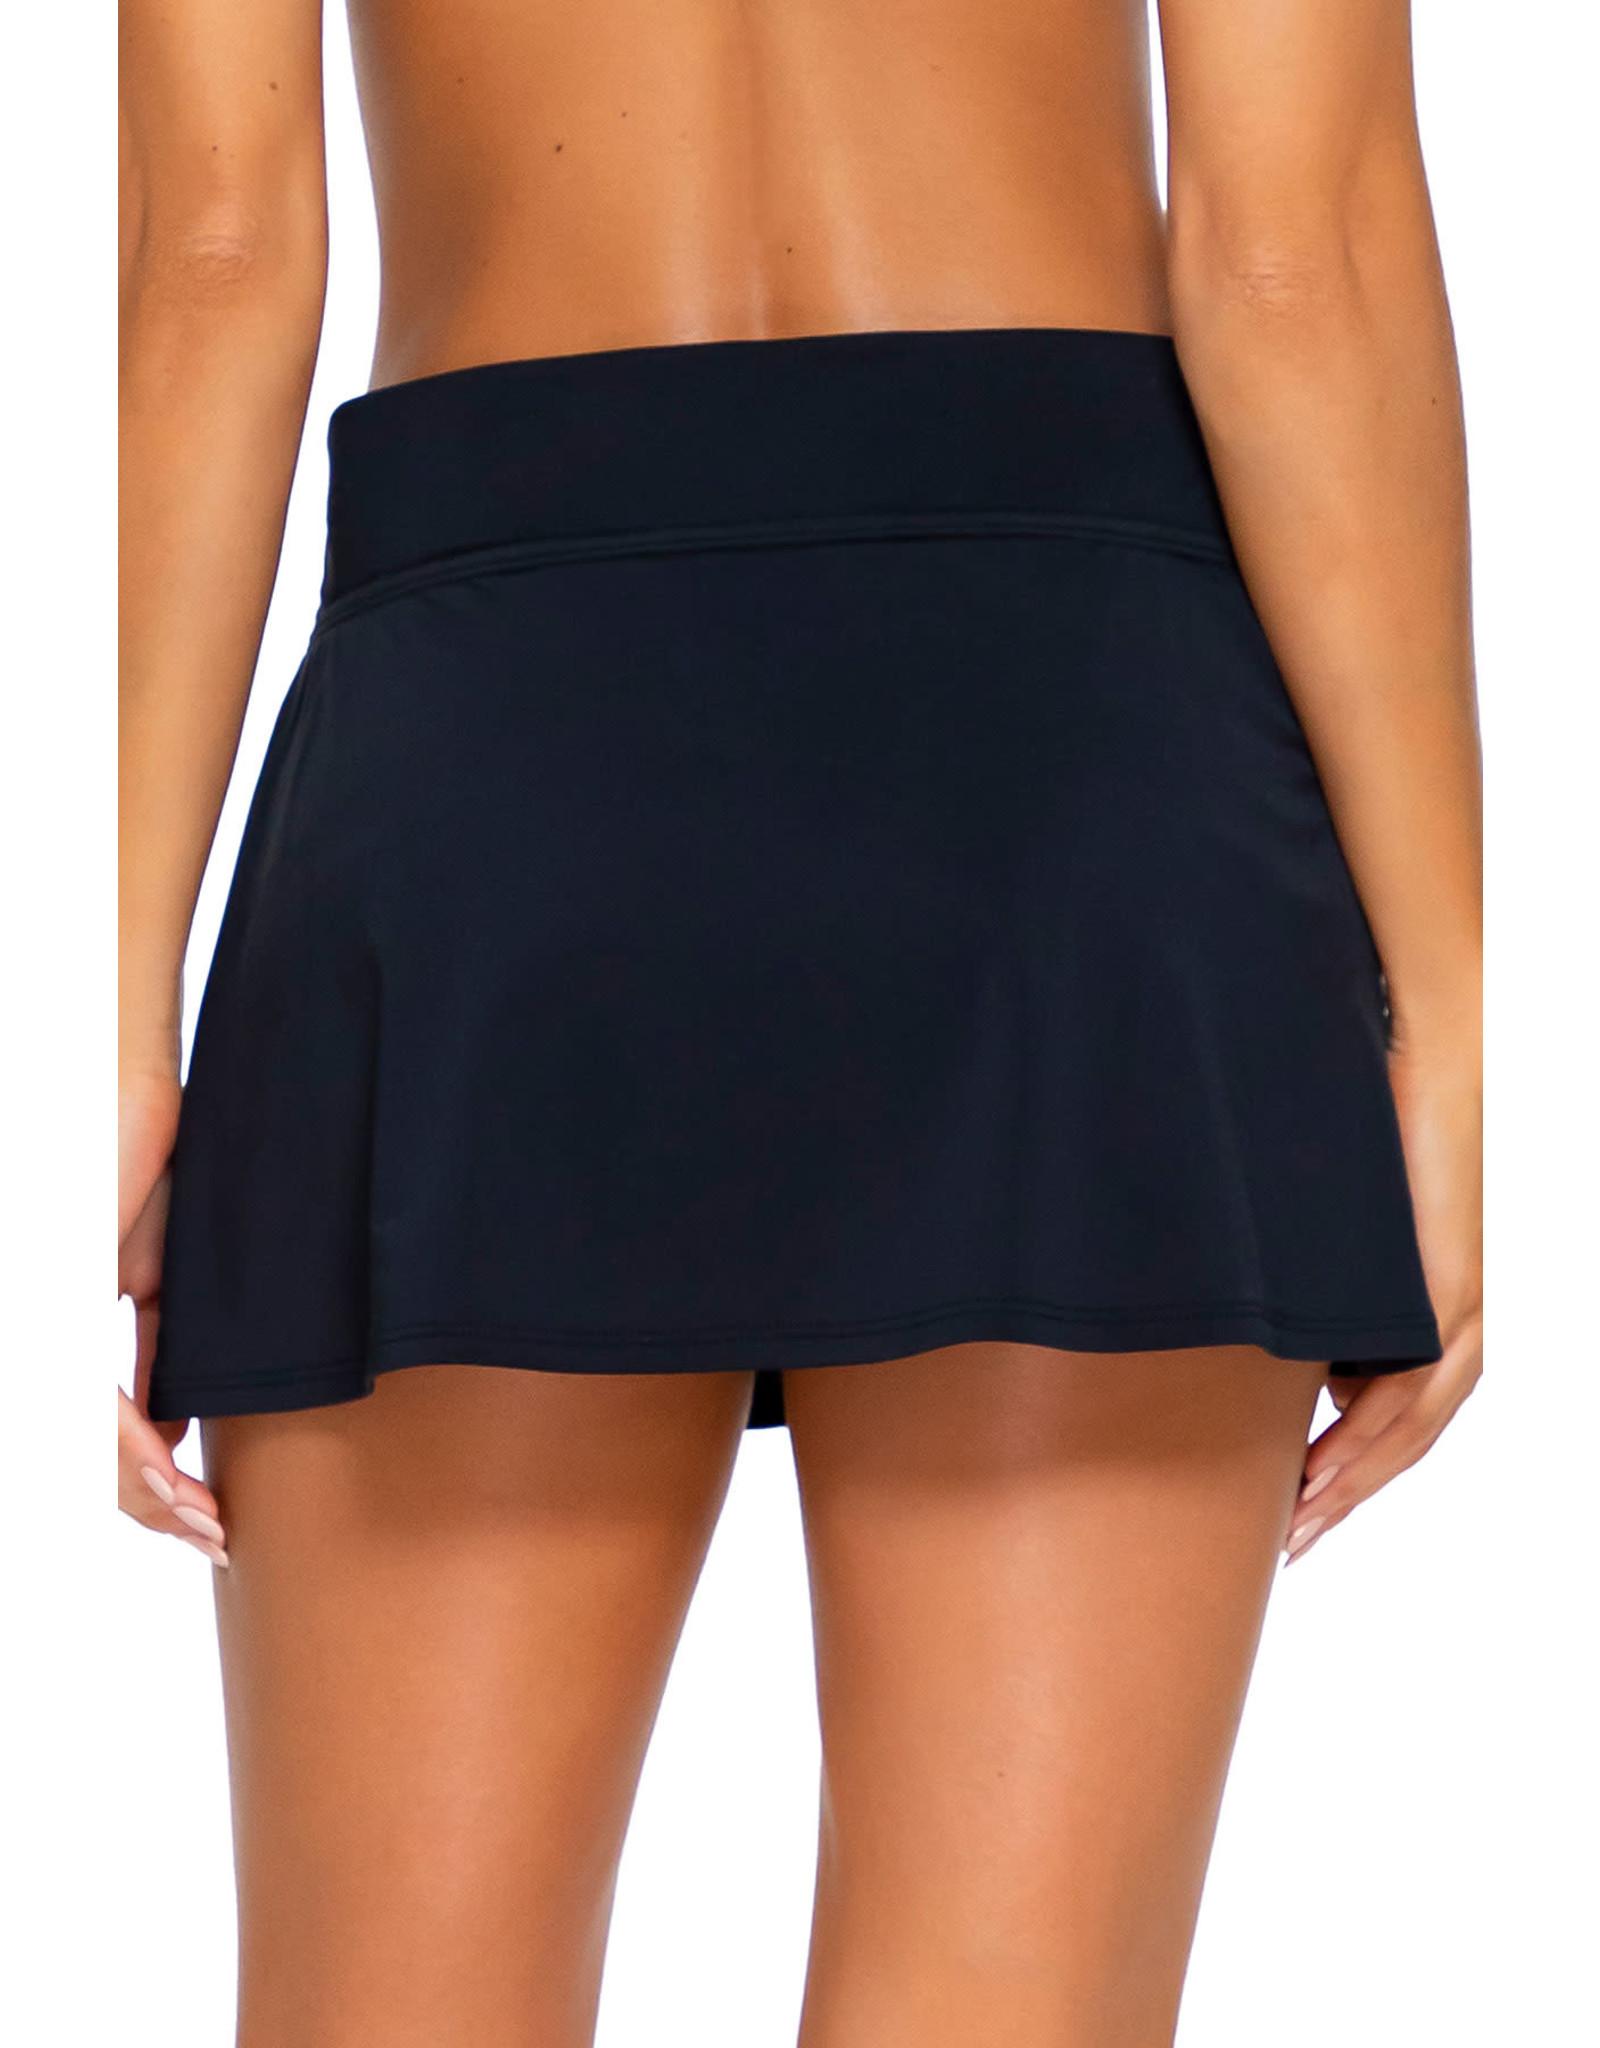 SUNSETS 41B Summer Lovin' V Banded Swim Skirt